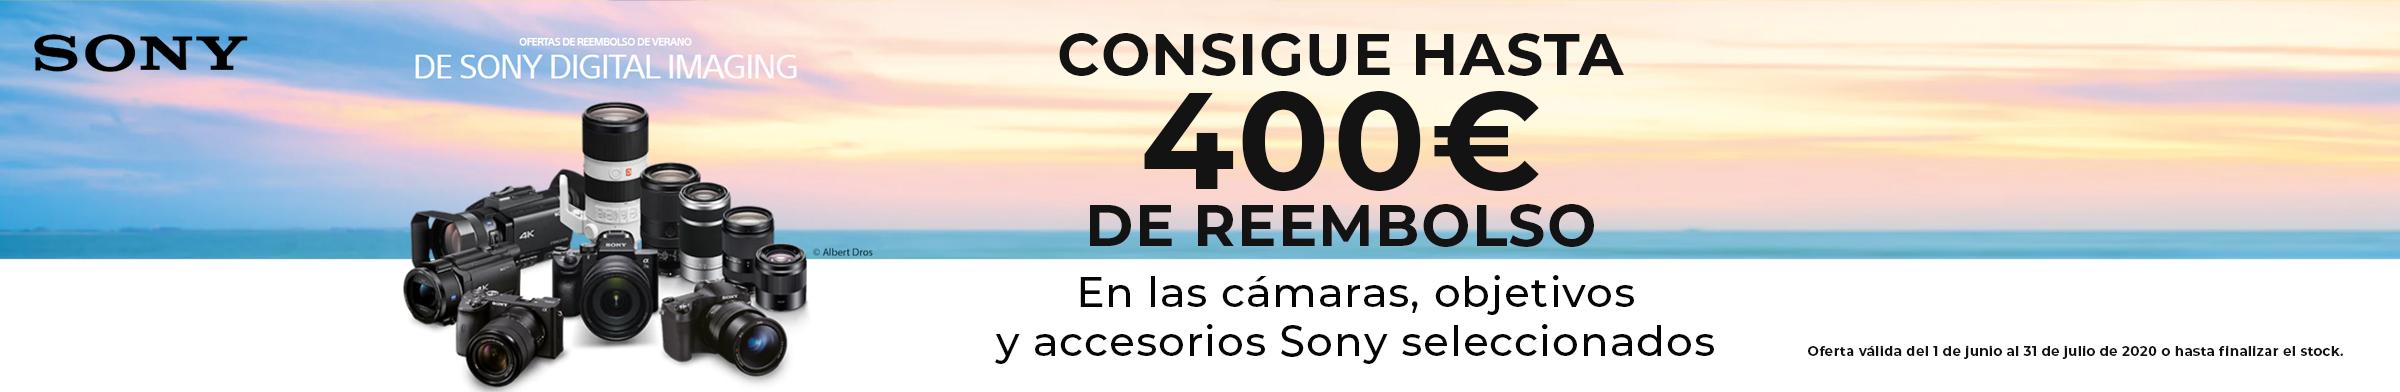 Consigue hasta 400€ de REEMBOLSO en cámaras, objetivos y accesorios SONY